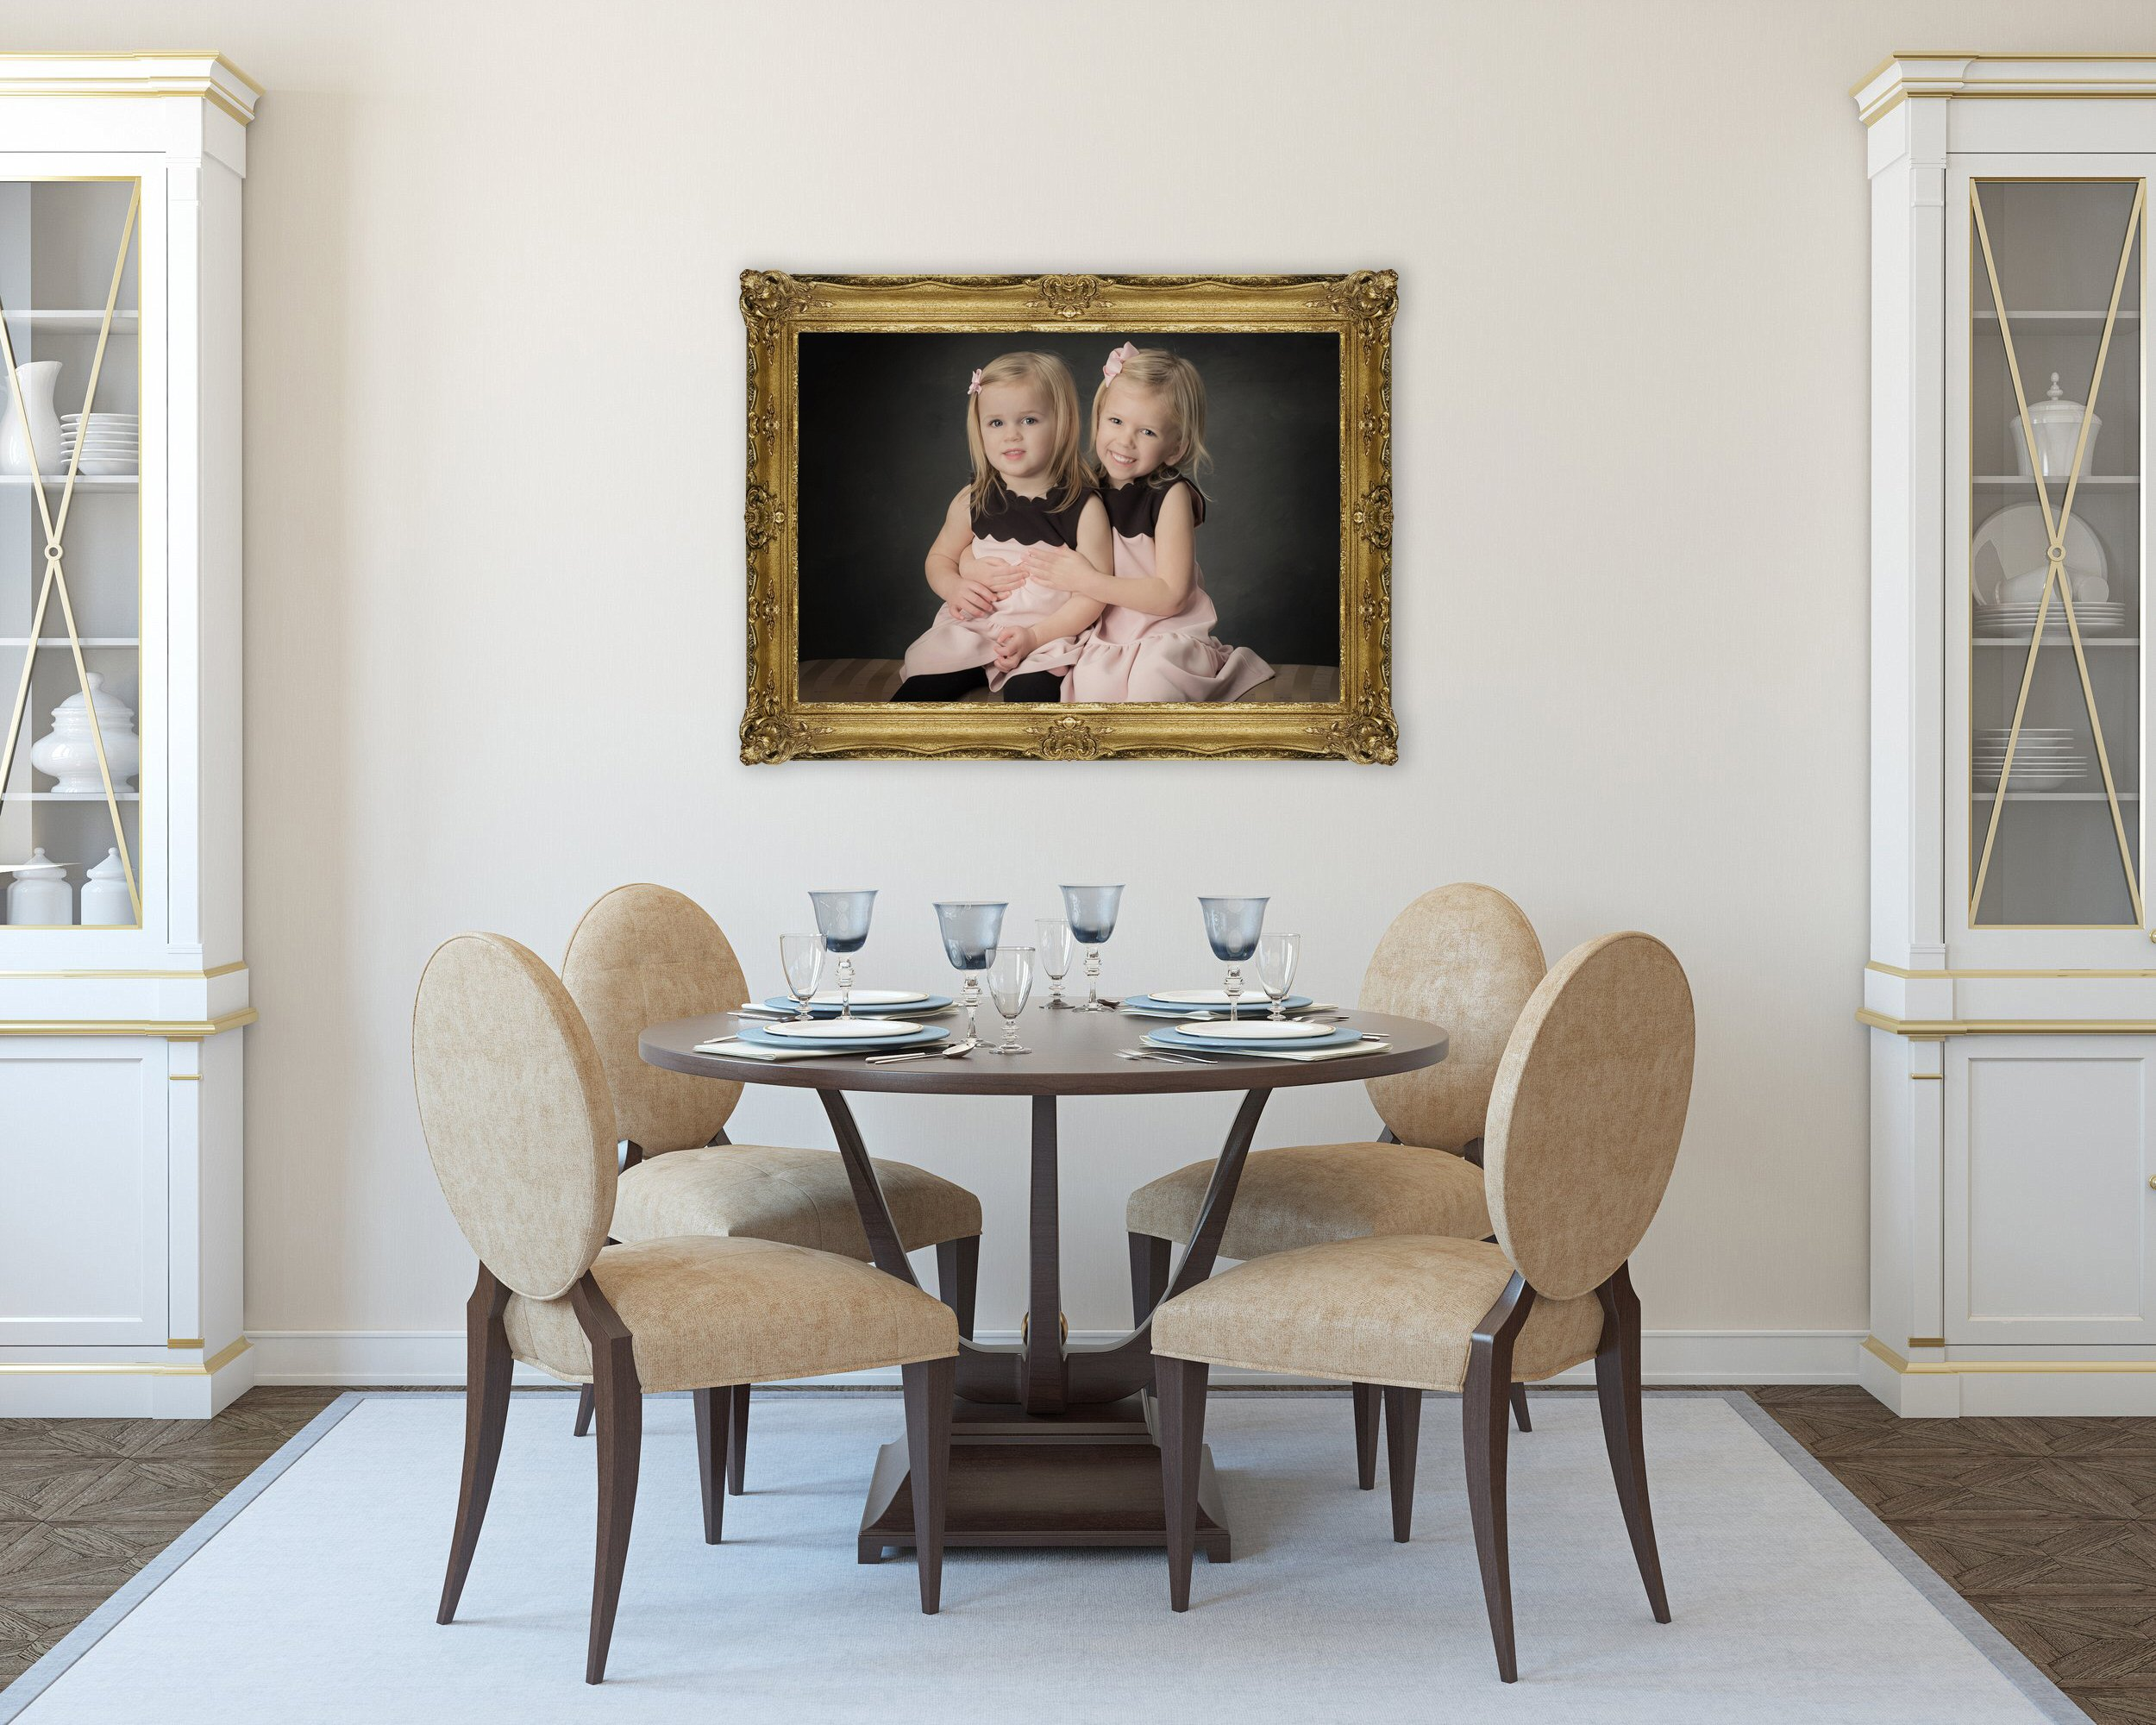 Modern dining-room interior.3d render.